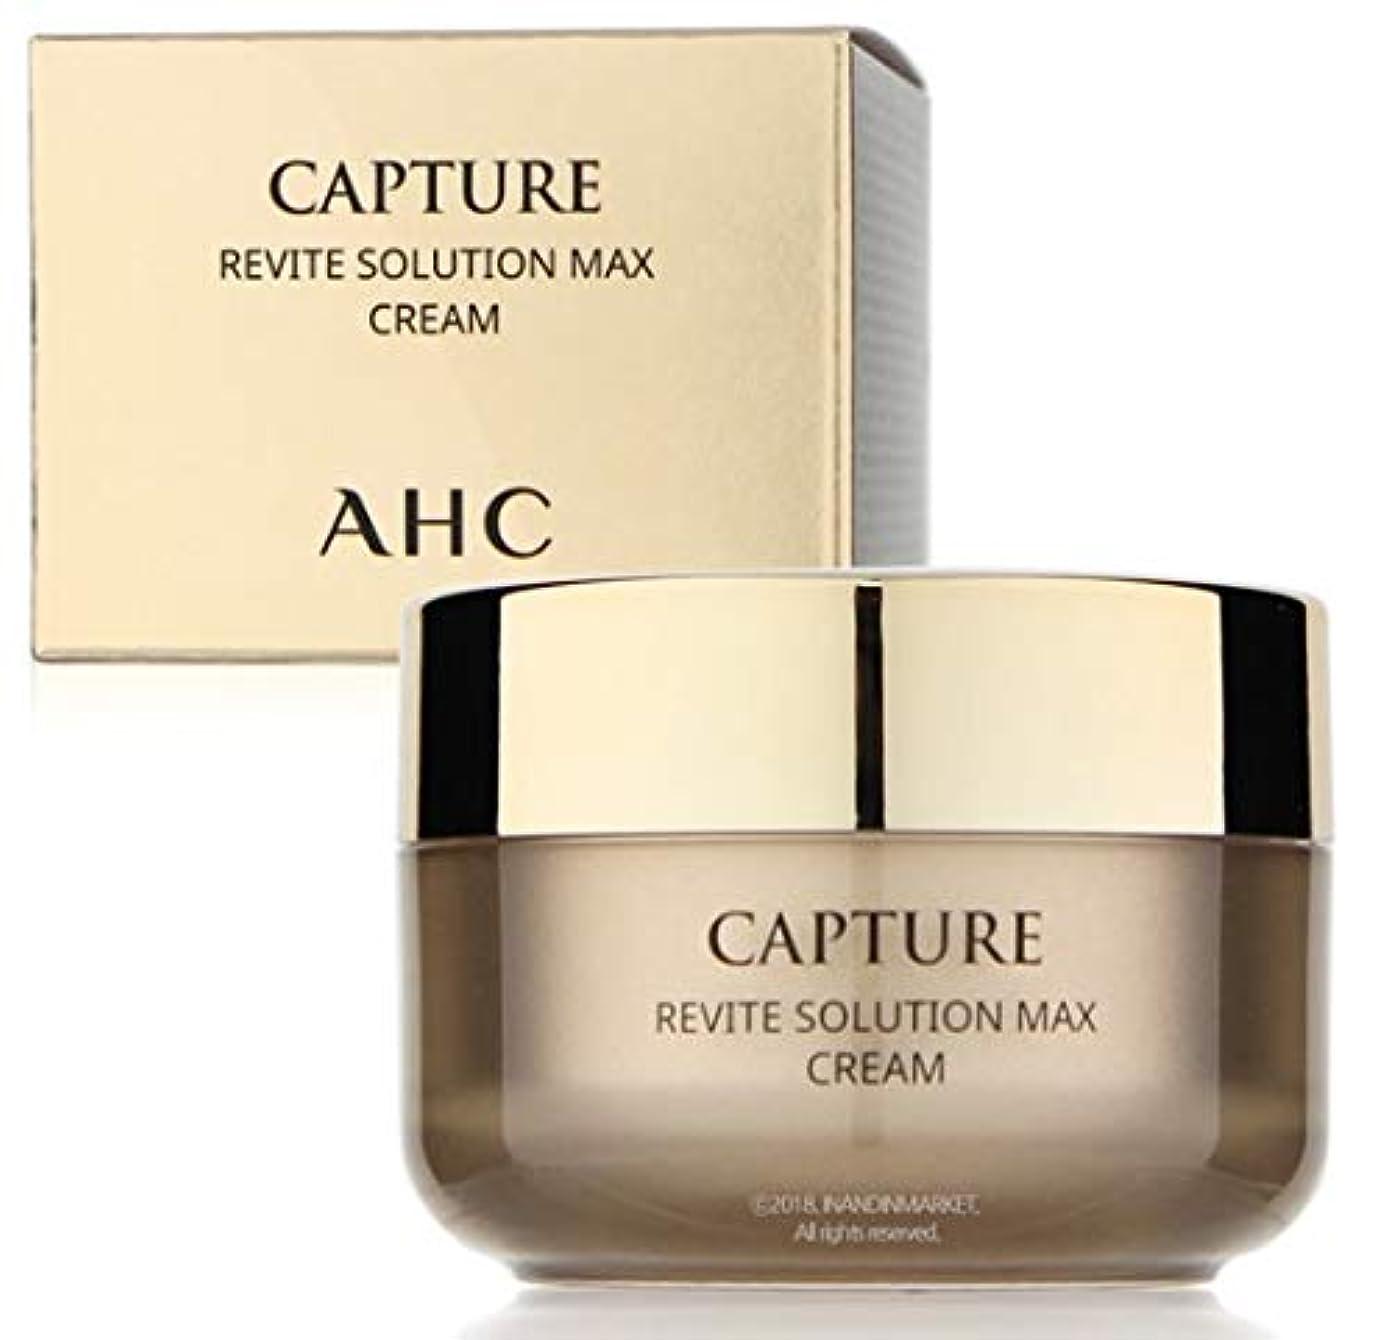 促進する消費者受益者AHC Capture Revite Solution Max Cream/キャプチャー リバイト ソリューション マックス クリーム 50ml [並行輸入品]